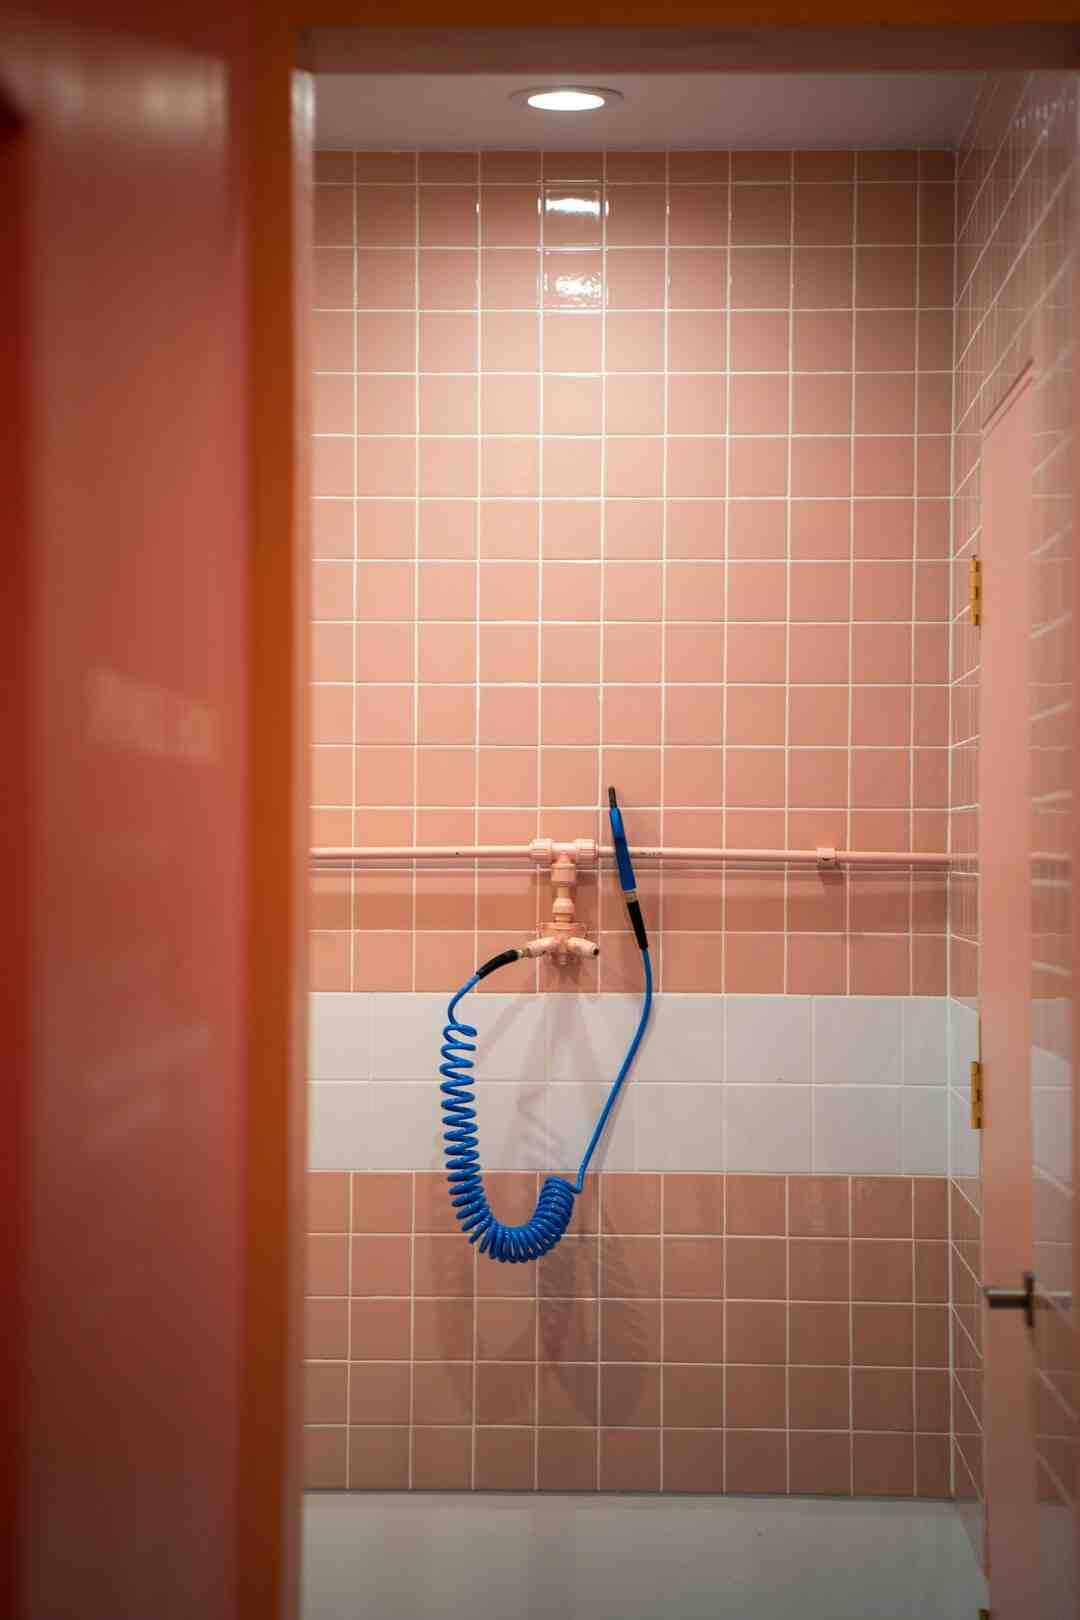 Comment nettoyer les carreaux d'une salle de bain